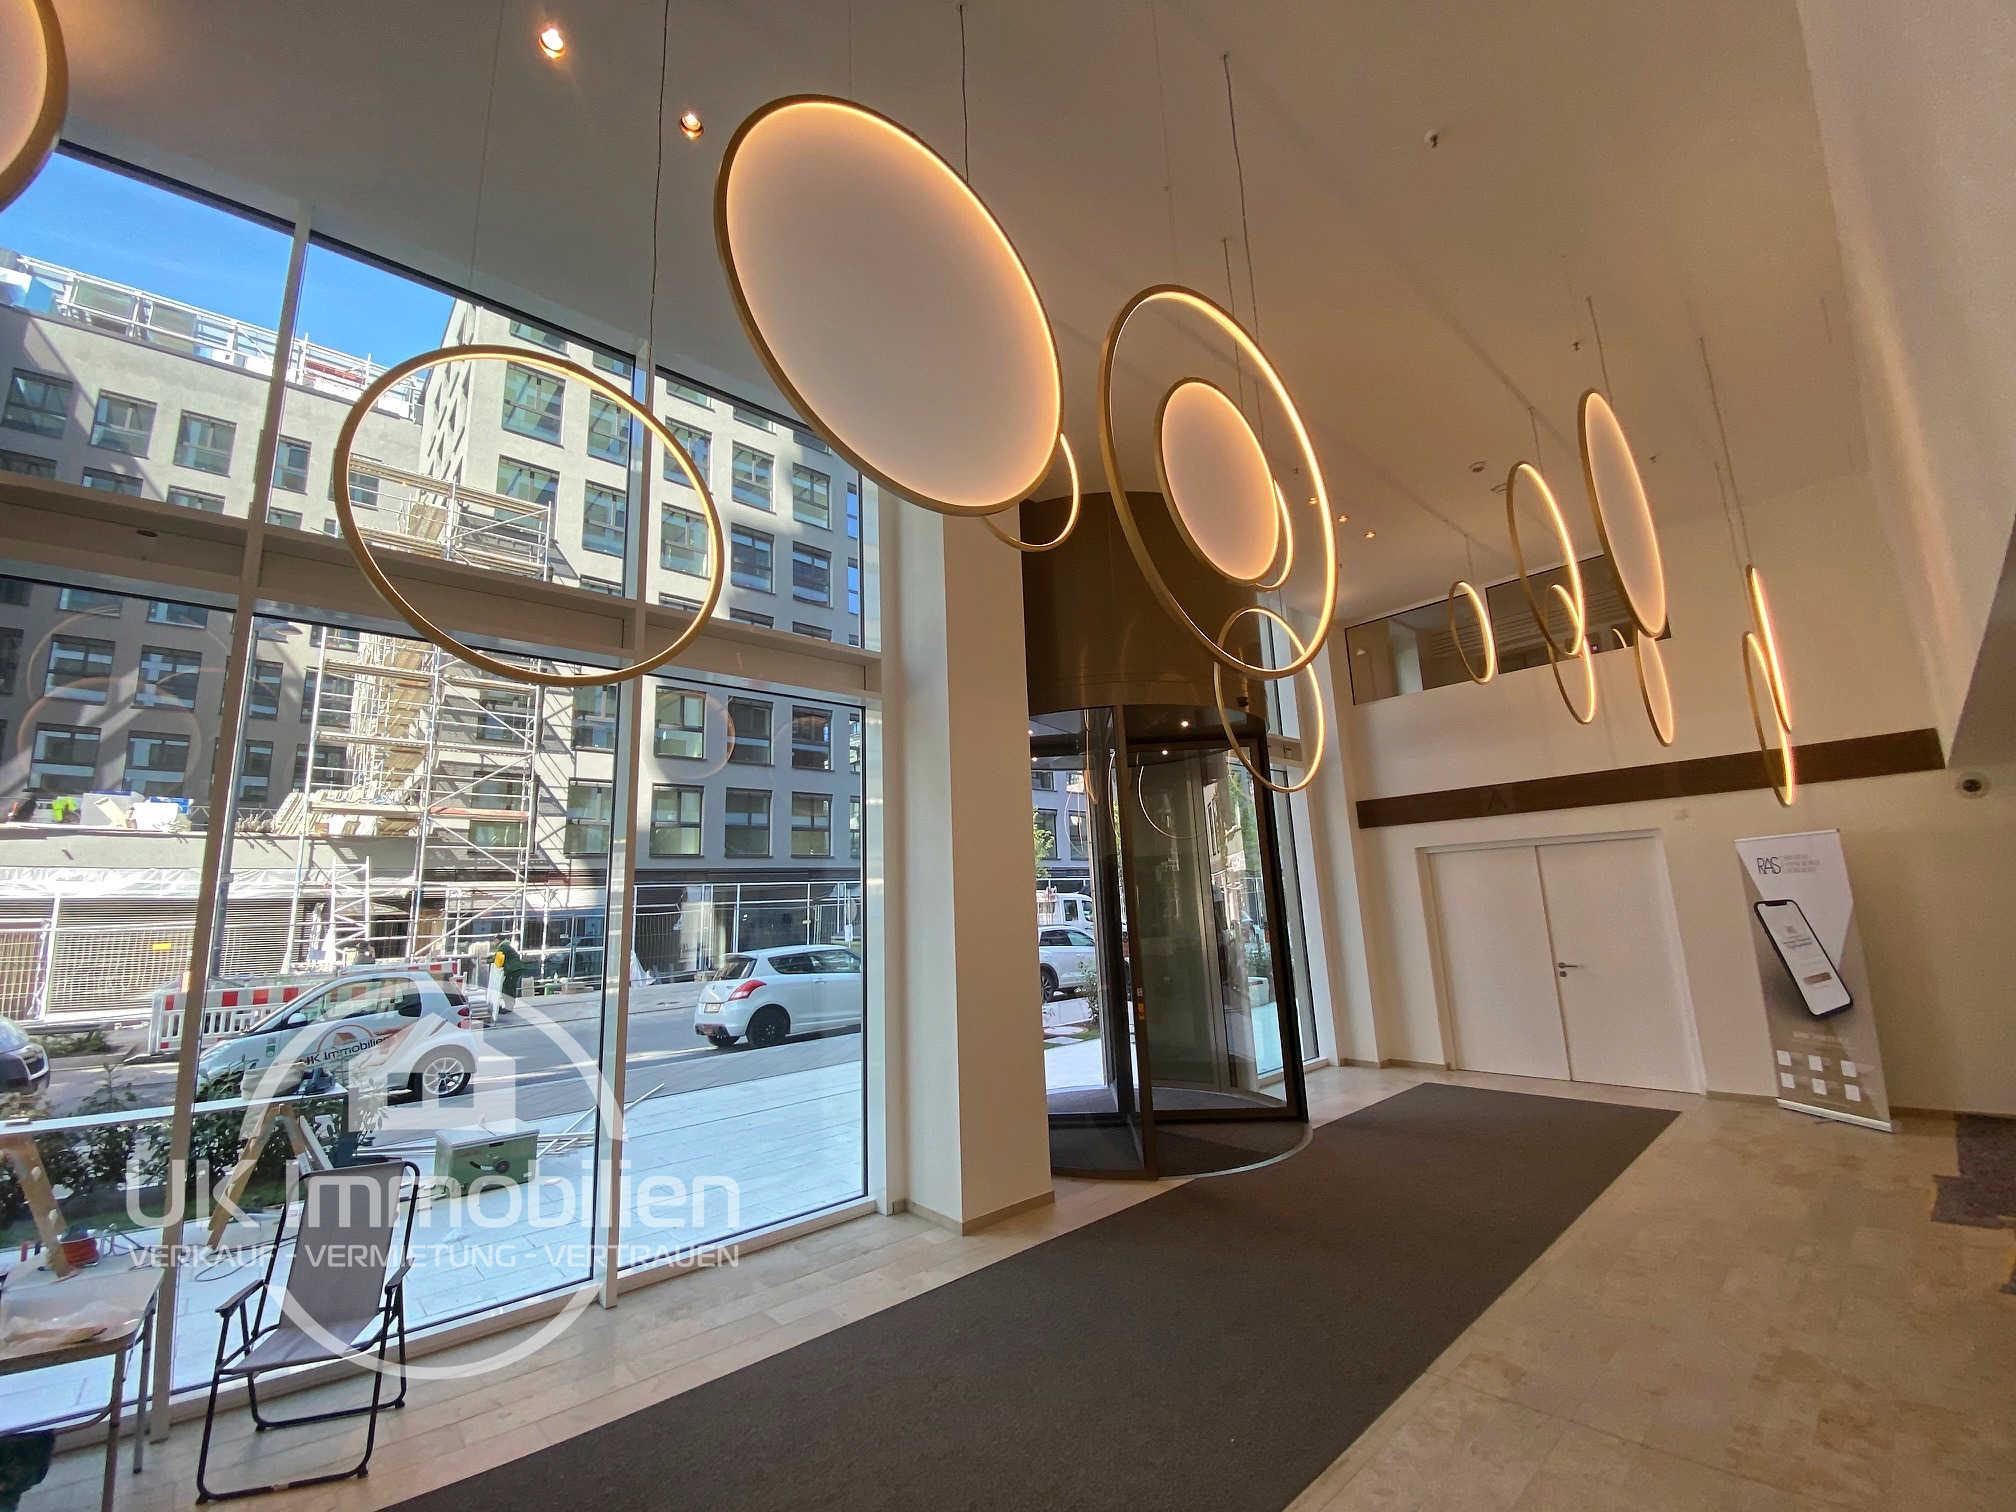 Immobilienmakler-Frankfurt-Europaviertel, Niedernhausener-Strasse 13, SOLID-HOME, Lobby, Concierge, Solid